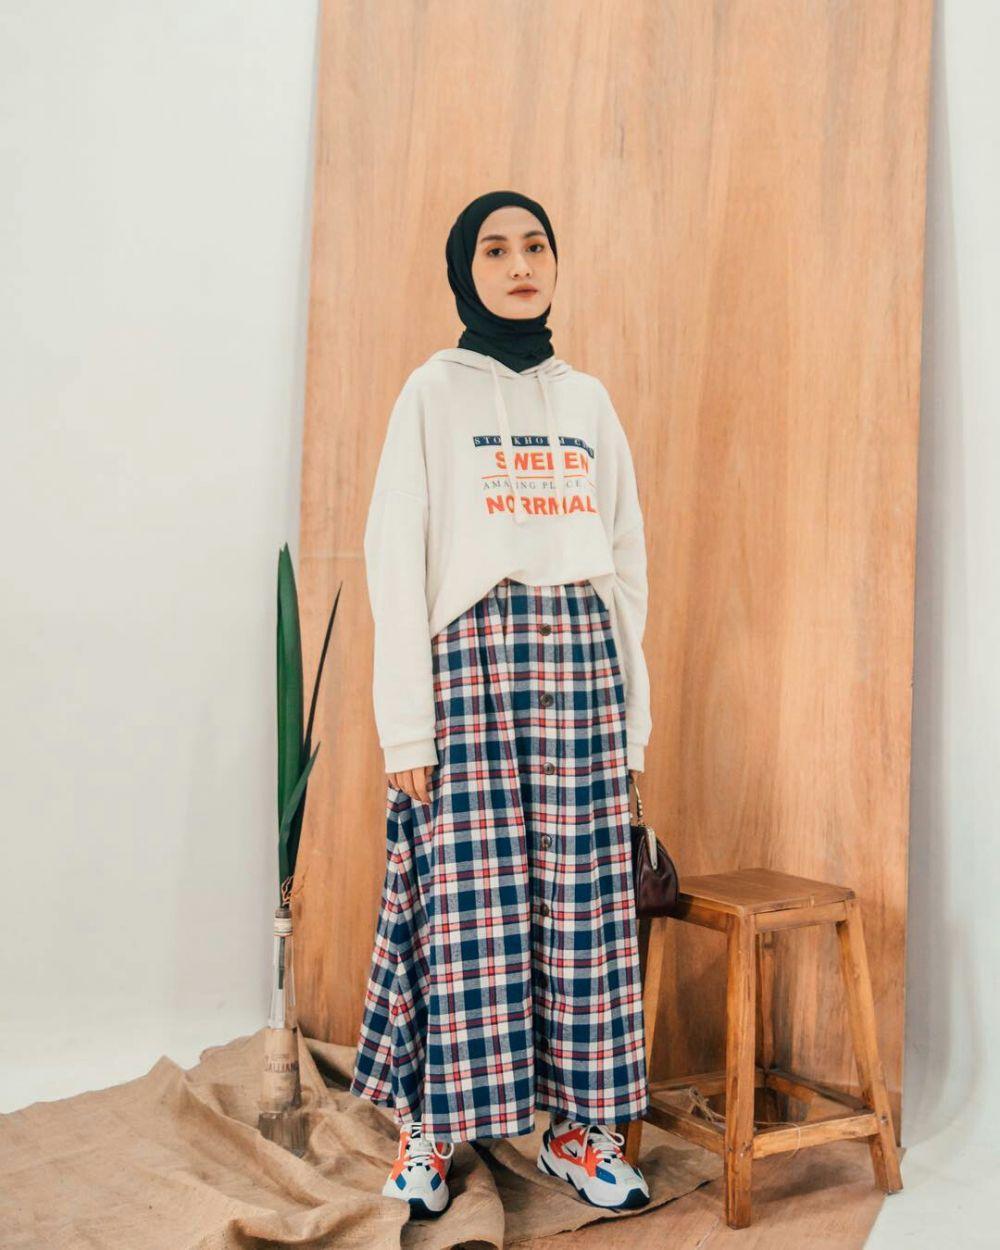 9 Ide Mix and Match Plaid Outfit untuk Hijabers, Gak Bikin Bosan Lho!